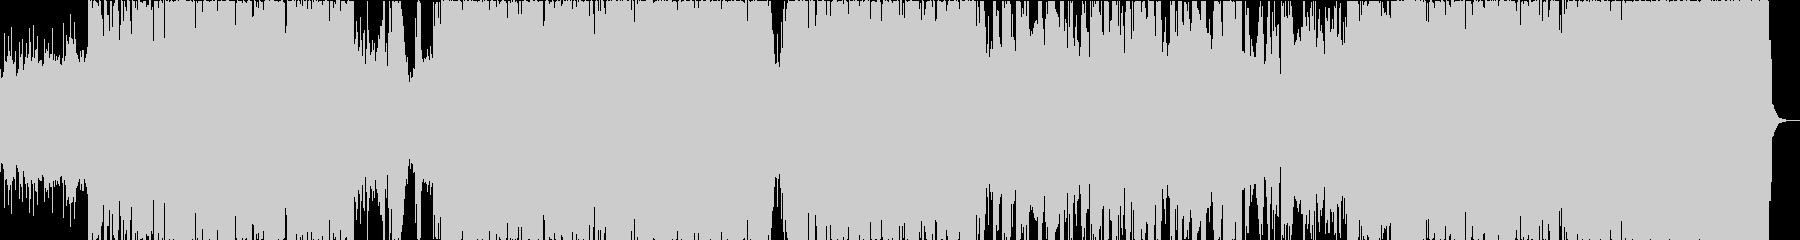 エレクトロのBGM 超クール の未再生の波形